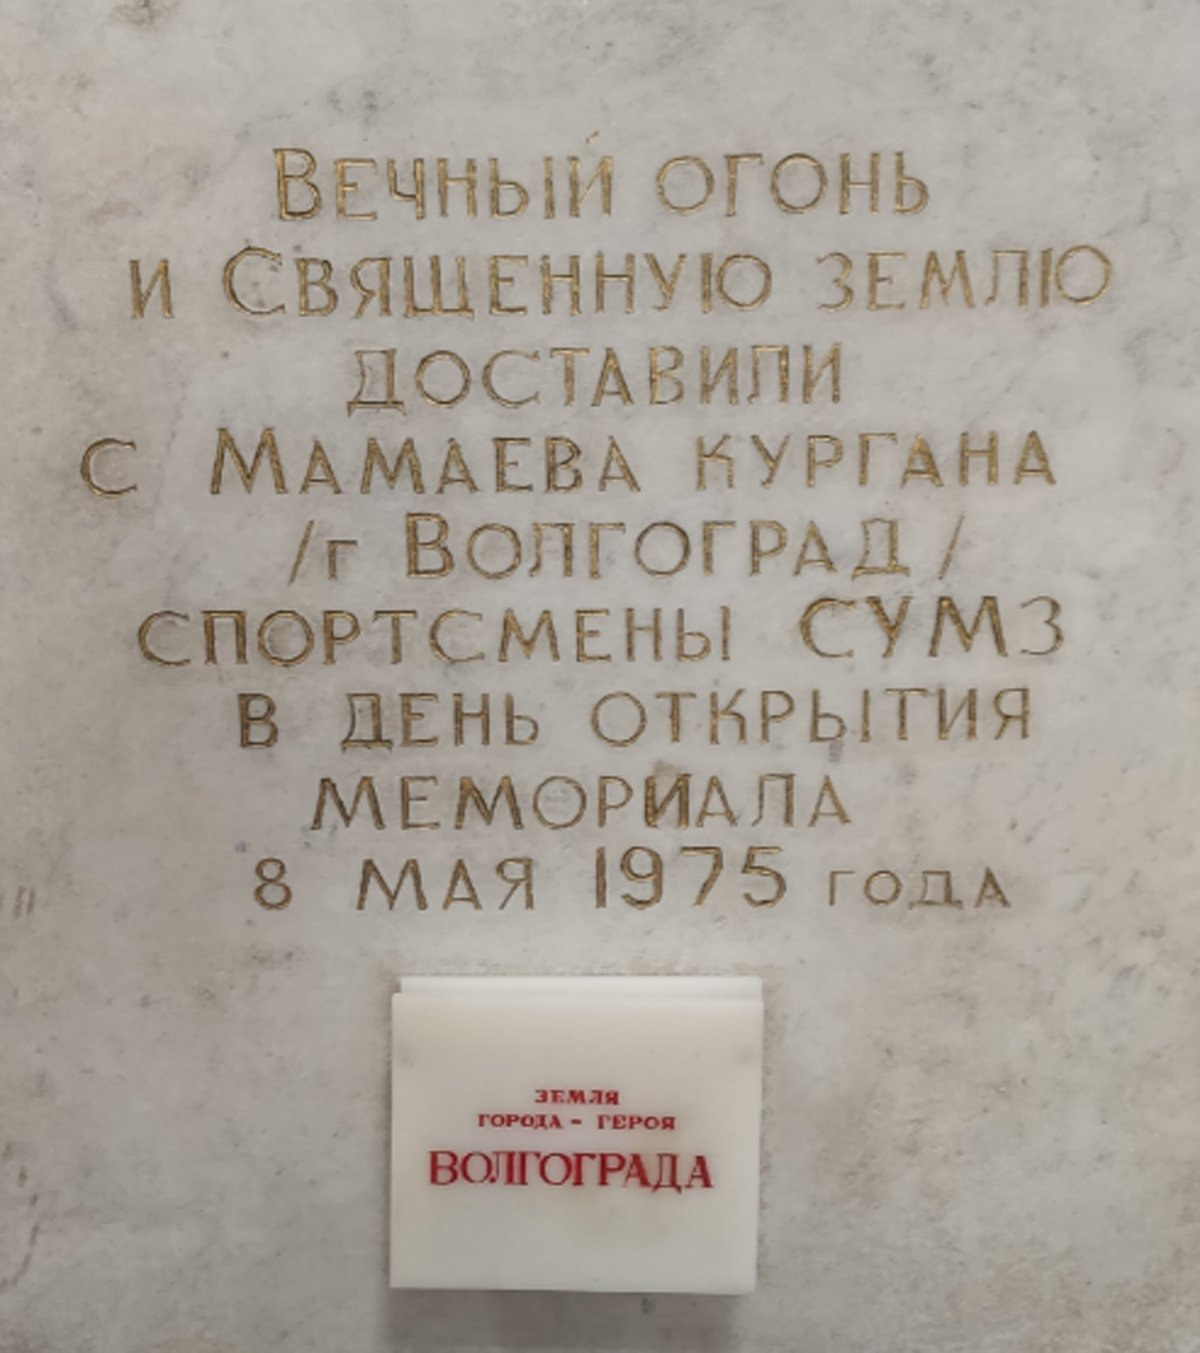 Plita-v-muzee-1